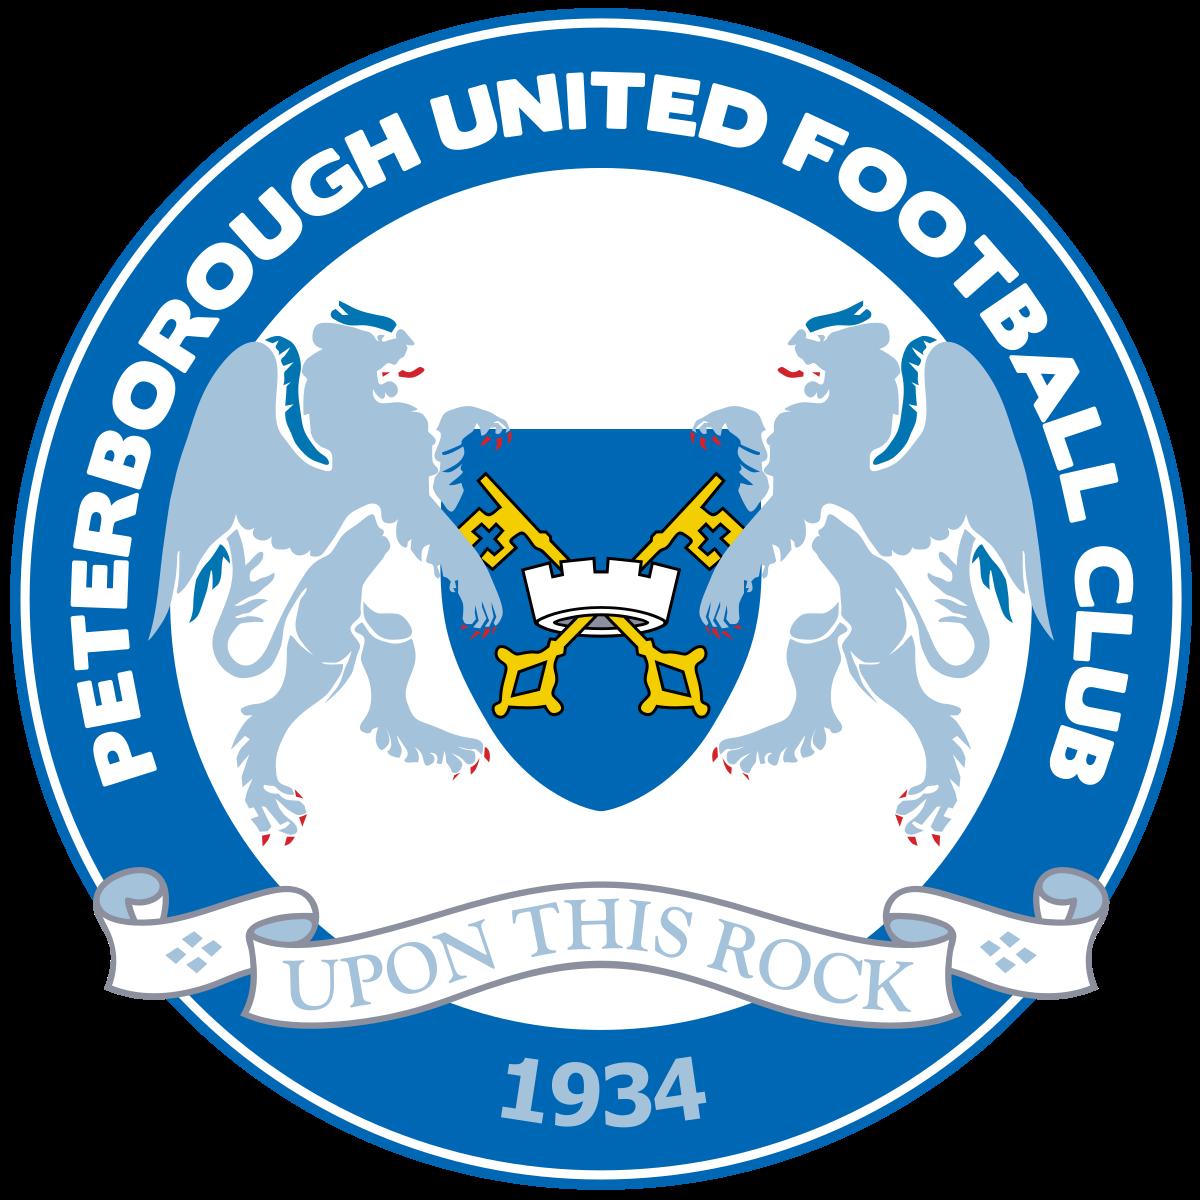 Peterborough United U-23 logo